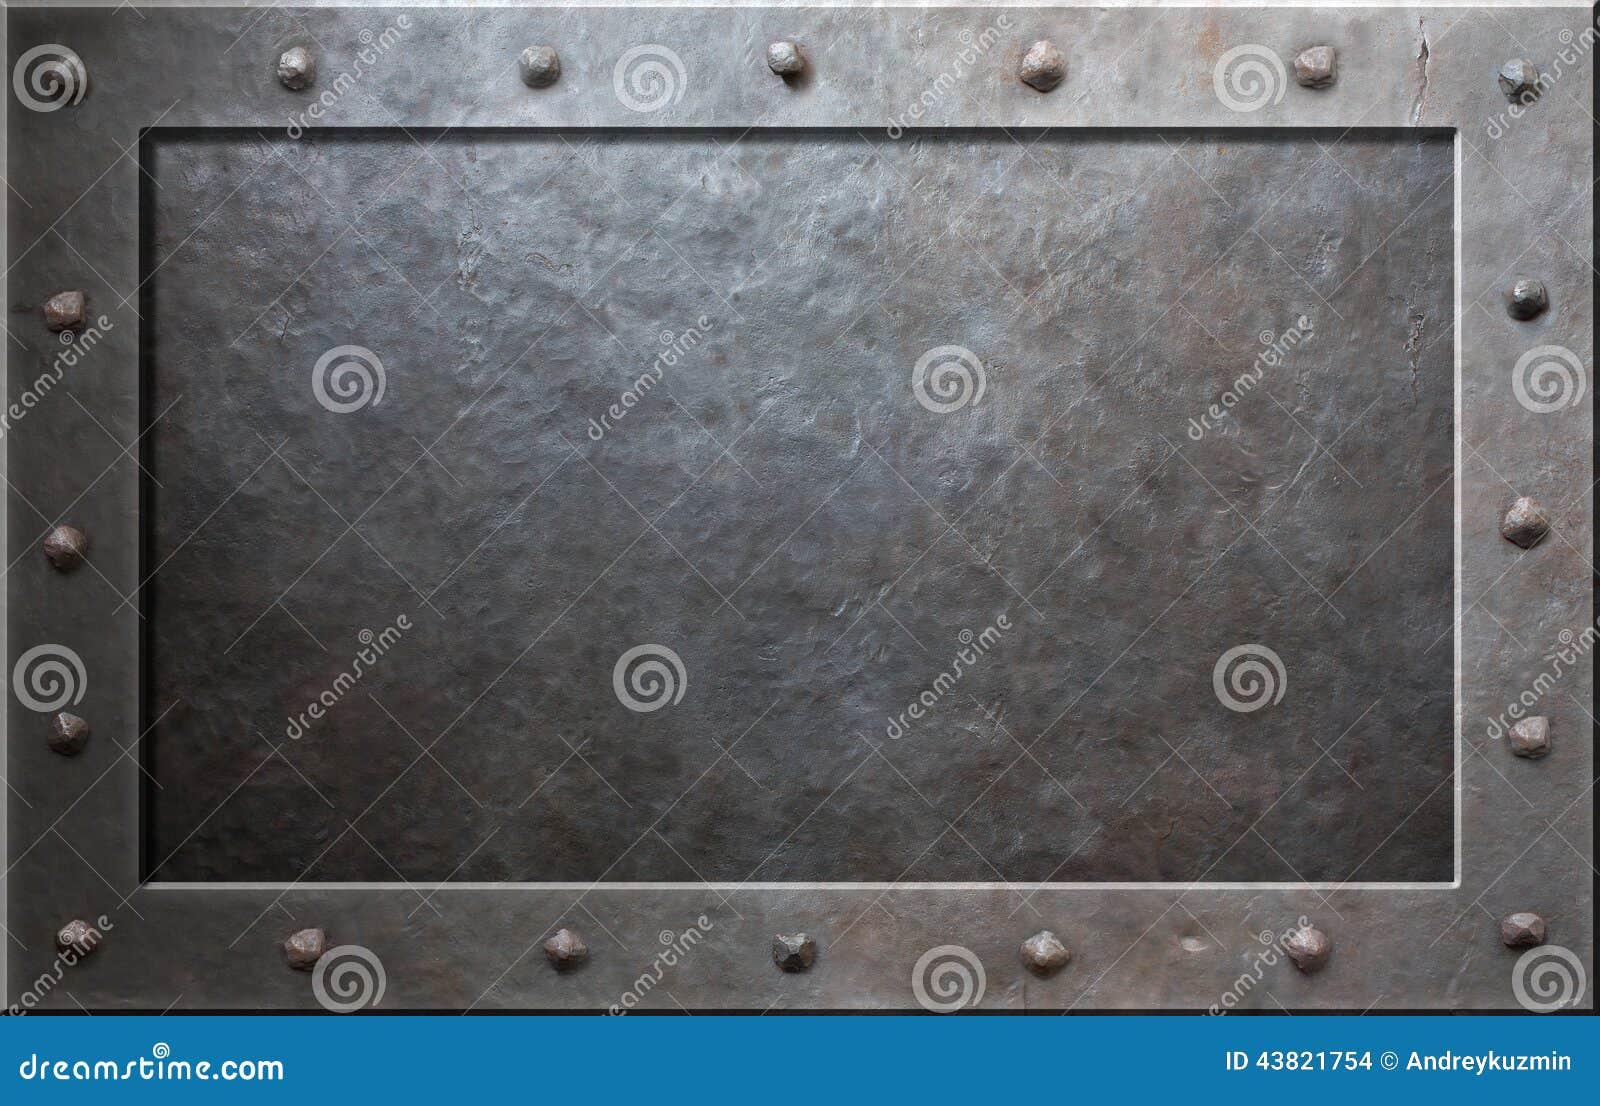 Viejo marco del metal foto de archivo. Imagen de acero - 43821754